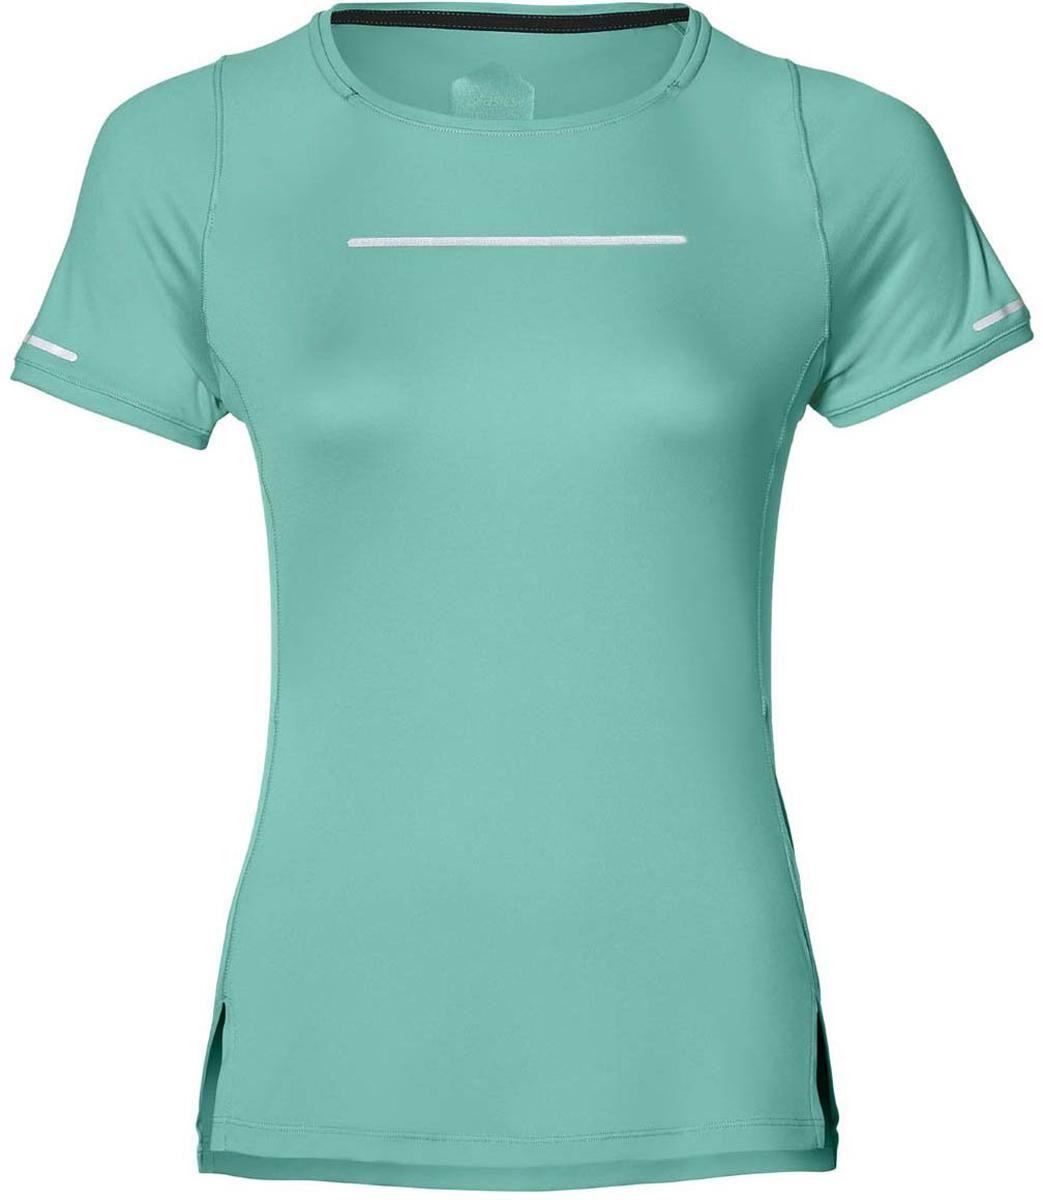 Футболка для бега женская Asics Lite-Show Ss Top, цвет: бирюзовый. 154528-0498. Размер XS (42)